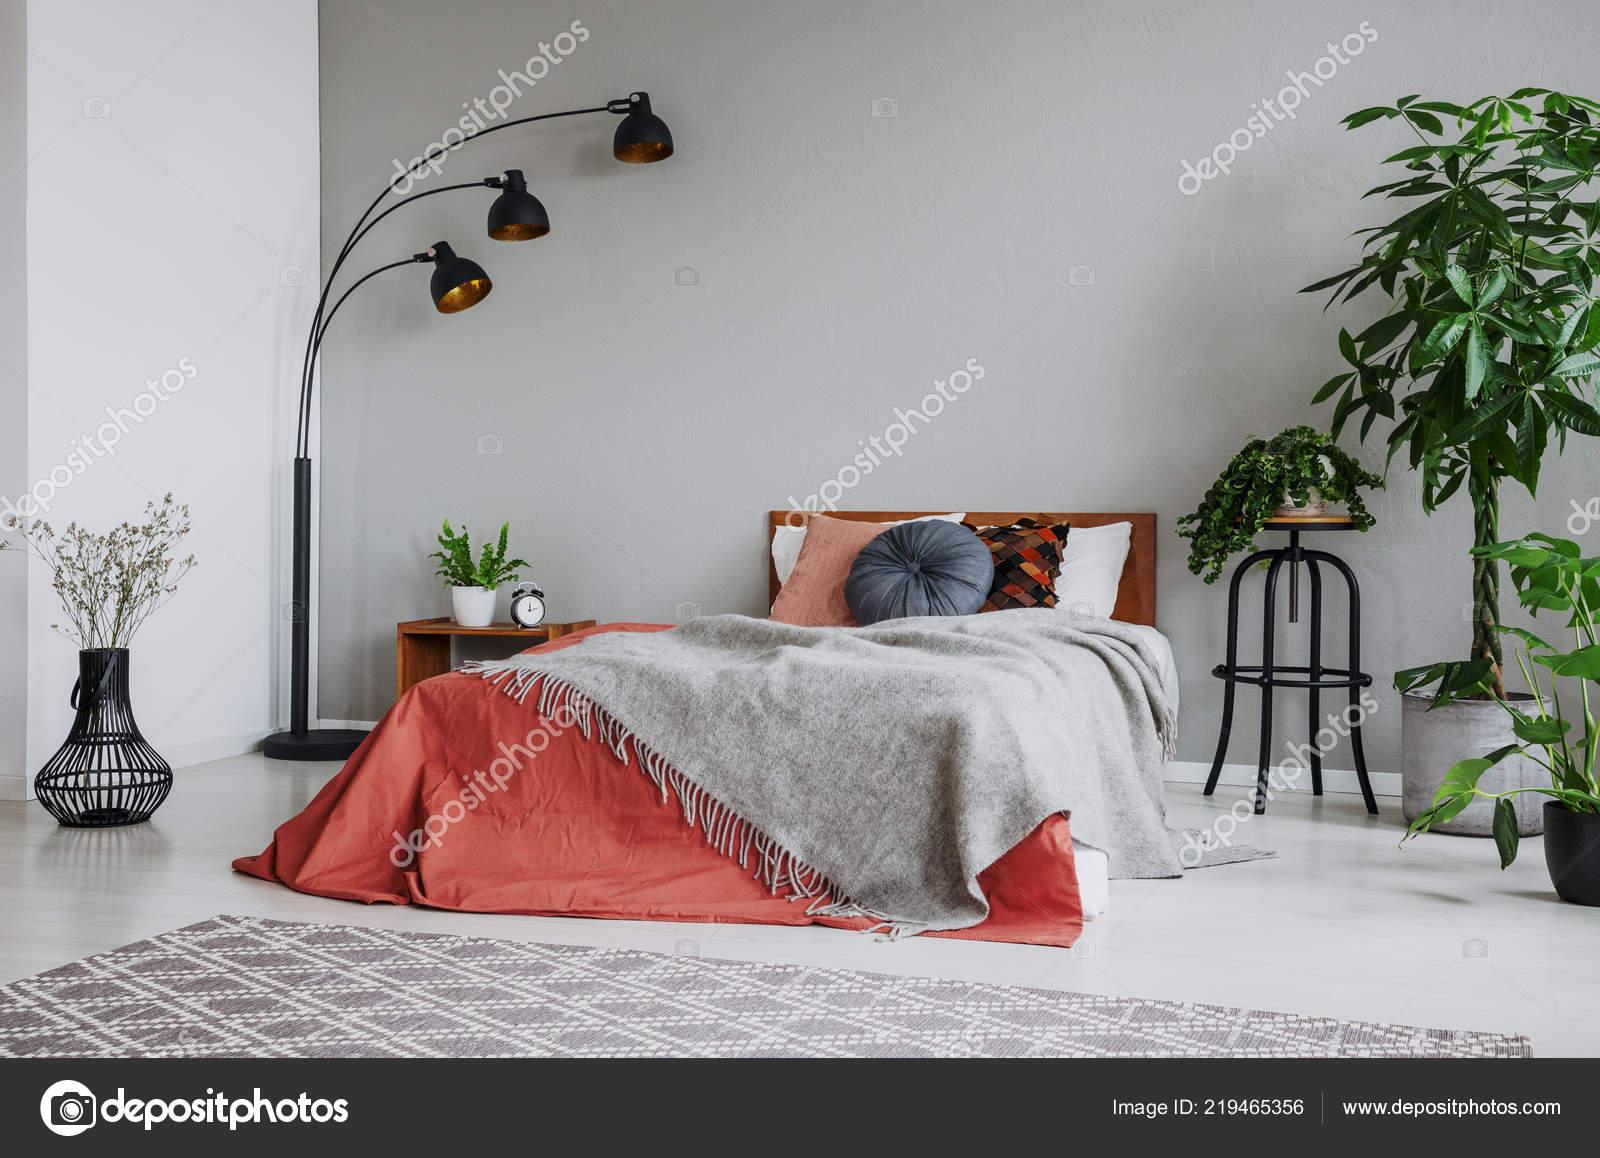 Graue Decke Auf Roten Bett Zwischen Pflanzen Und Lampe ...